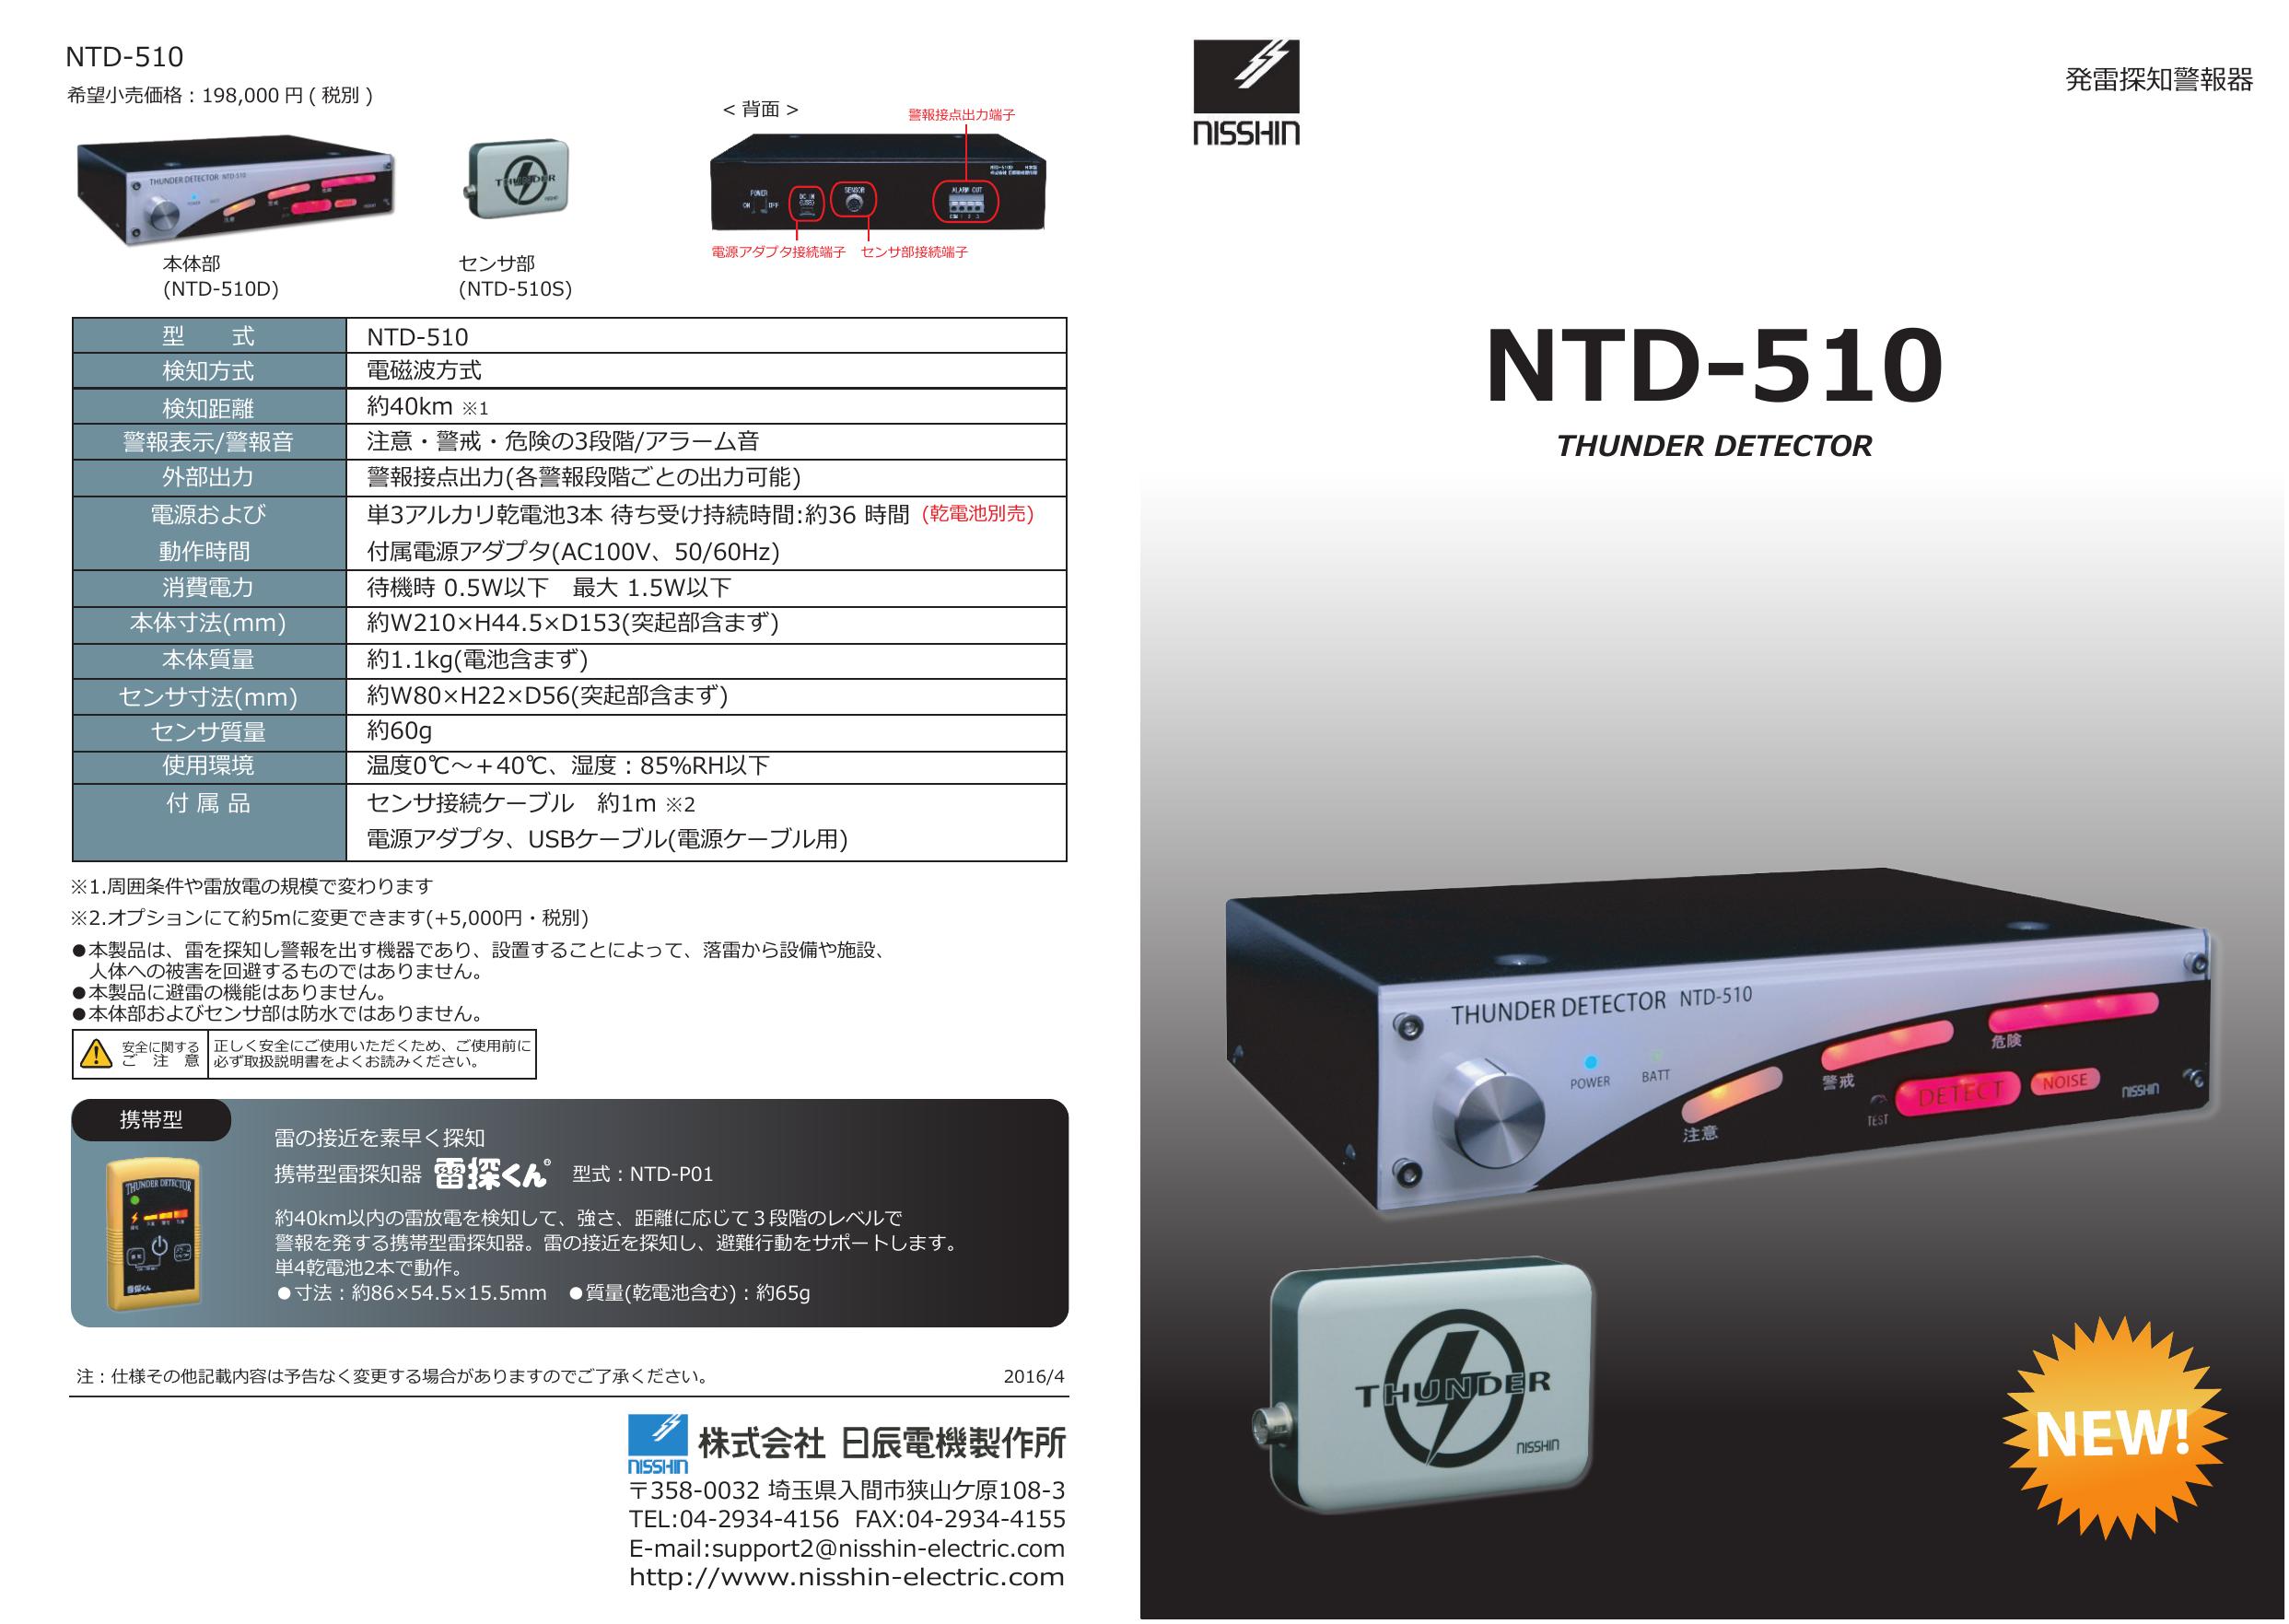 雷探知警報器「NTD-510」